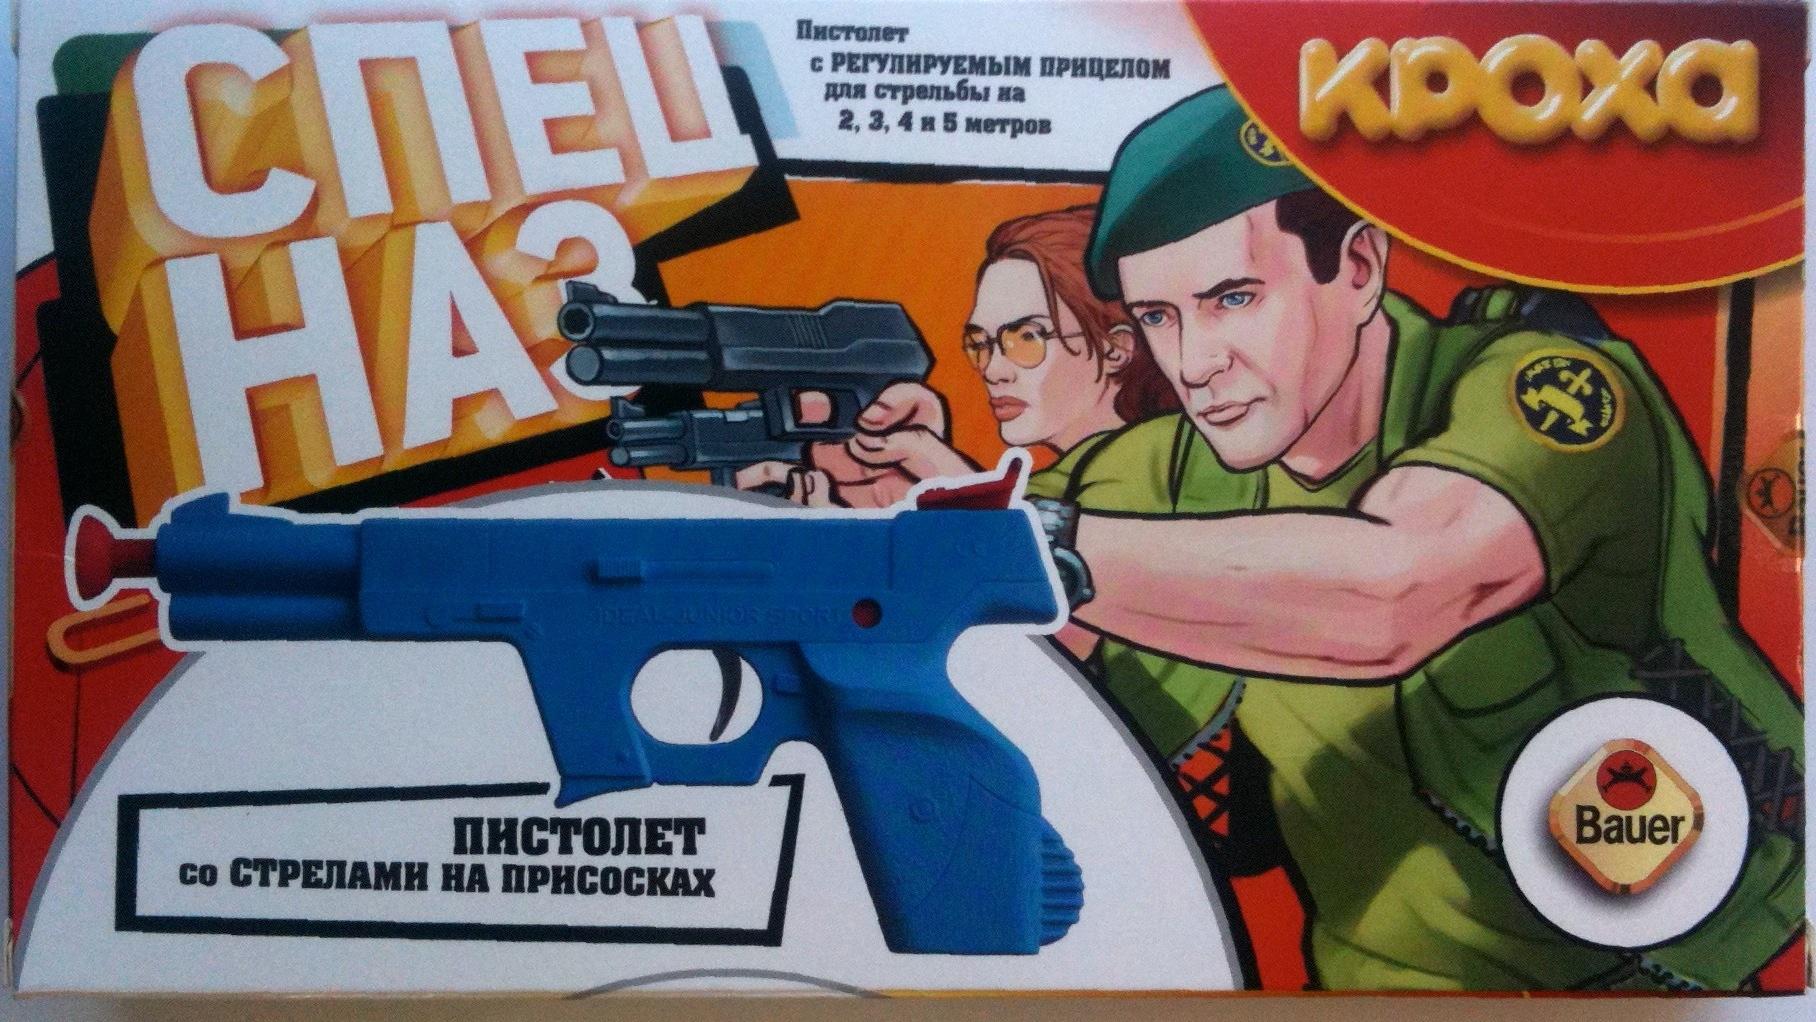 Игровые наборы Профессия Bauer Пистолет Bauer «Кроха: Спецназ» с тремя стрелами на присосках игрушка bauer спецназ 285